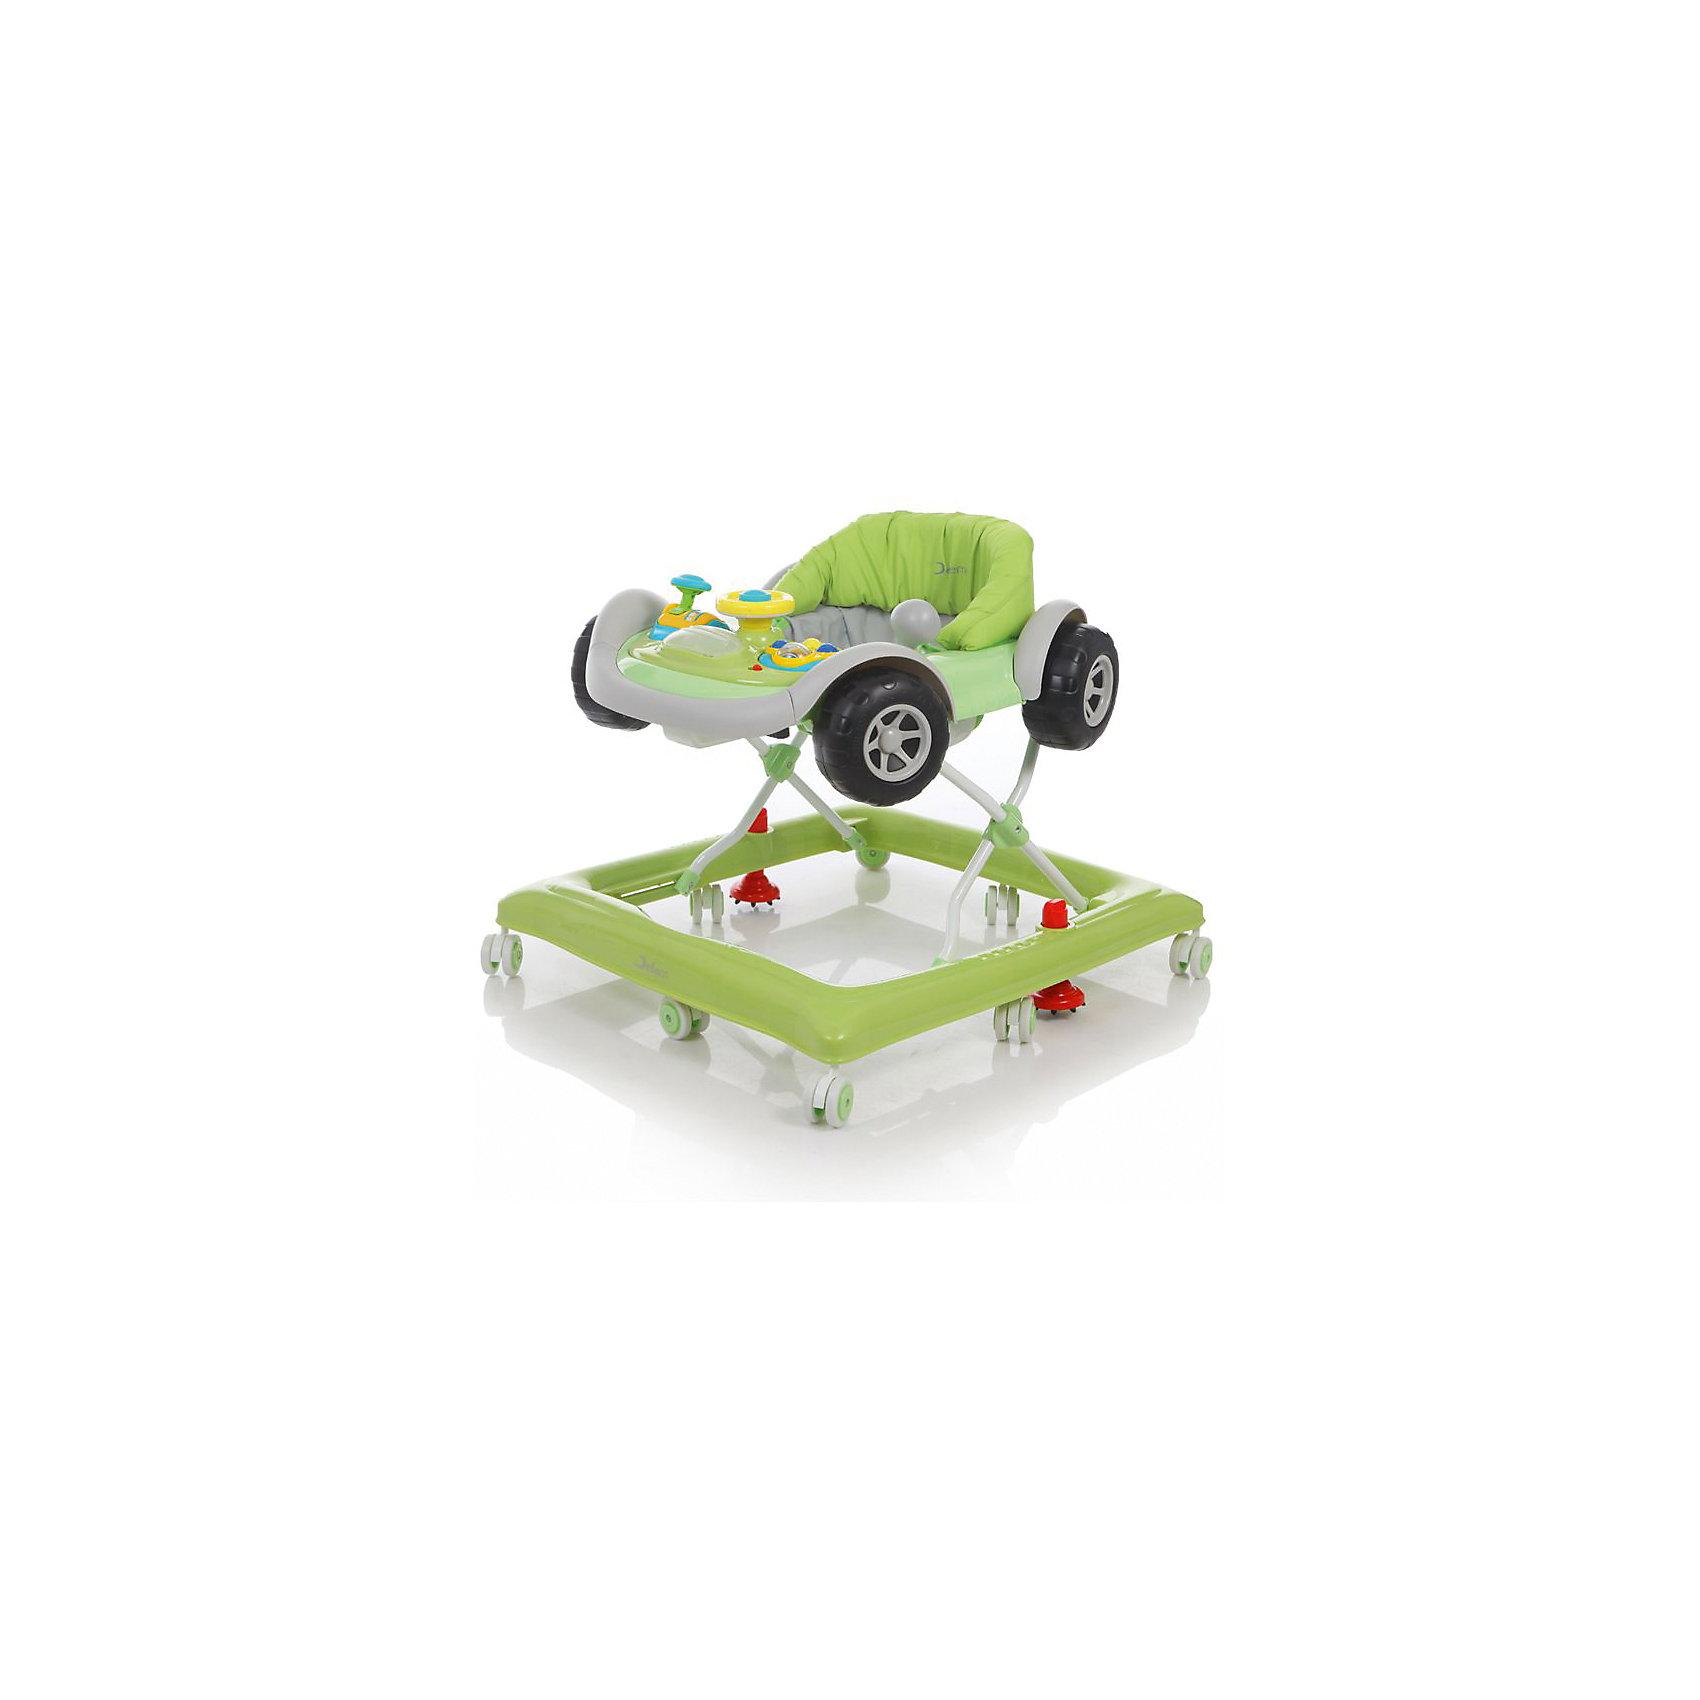 Ходунки Mobile, Jetem, зеленыйJetem Mobile - детские ходунки на силиконовых колесах. Превосходное качество, мягкое сидение, съемная игровая панель, регулируемая высота от пола.<br><br>Ширина мм: 660<br>Глубина мм: 630<br>Высота мм: 160<br>Вес г: 5200<br>Возраст от месяцев: 7<br>Возраст до месяцев: 12<br>Пол: Унисекс<br>Возраст: Детский<br>SKU: 5493381